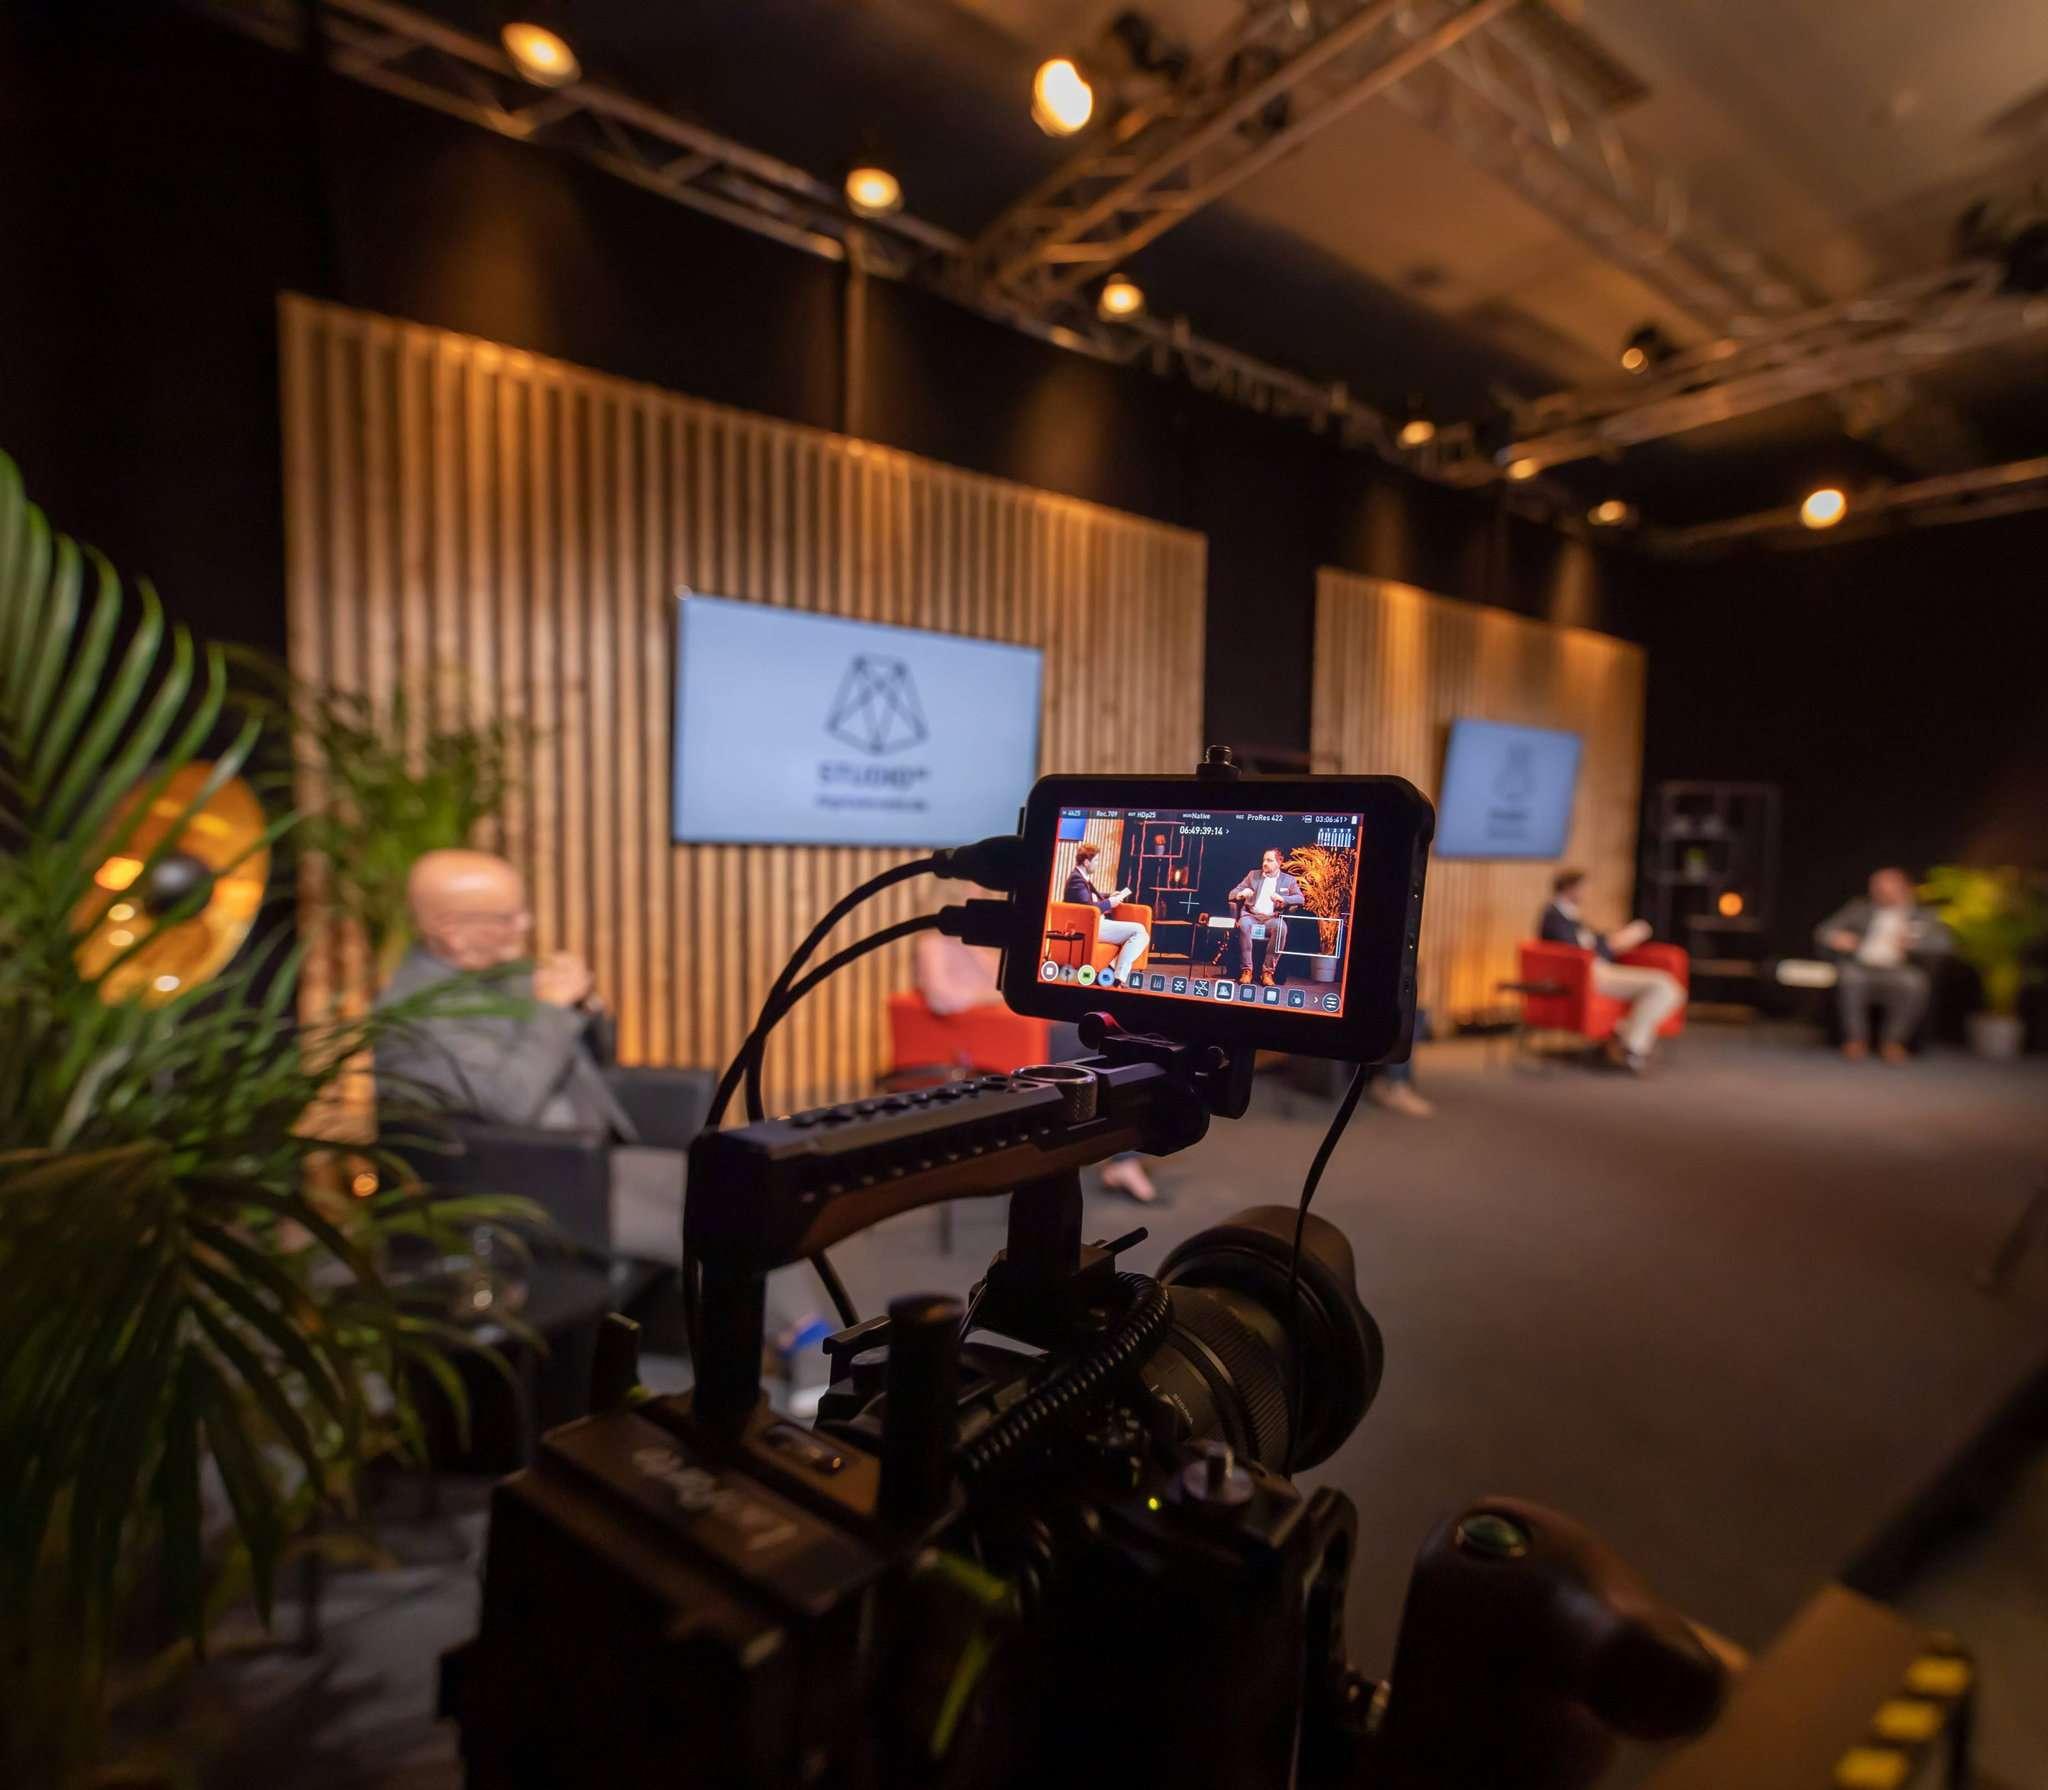 Das Fernsehstudio inmitten des Gewerbegebiets Hohenesch soll auch in den kommenden Monaten Liveübertragungen von Events ermöglichen.